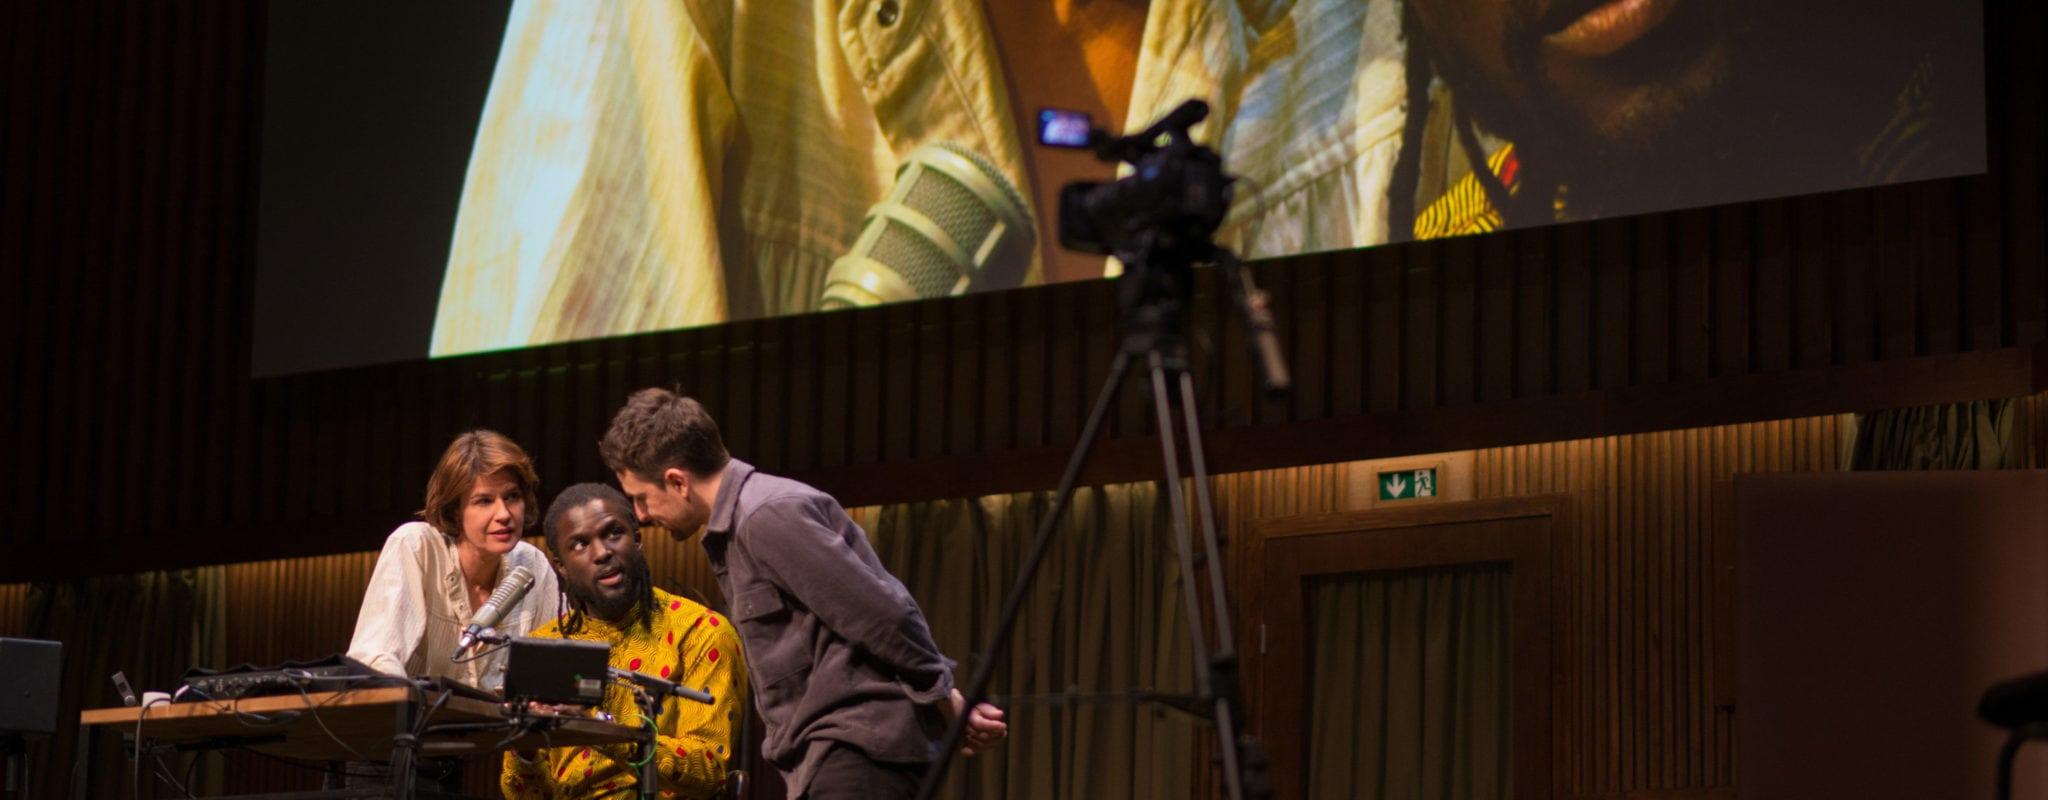 Retour à Reims, un manifeste pour un théâtre engagé